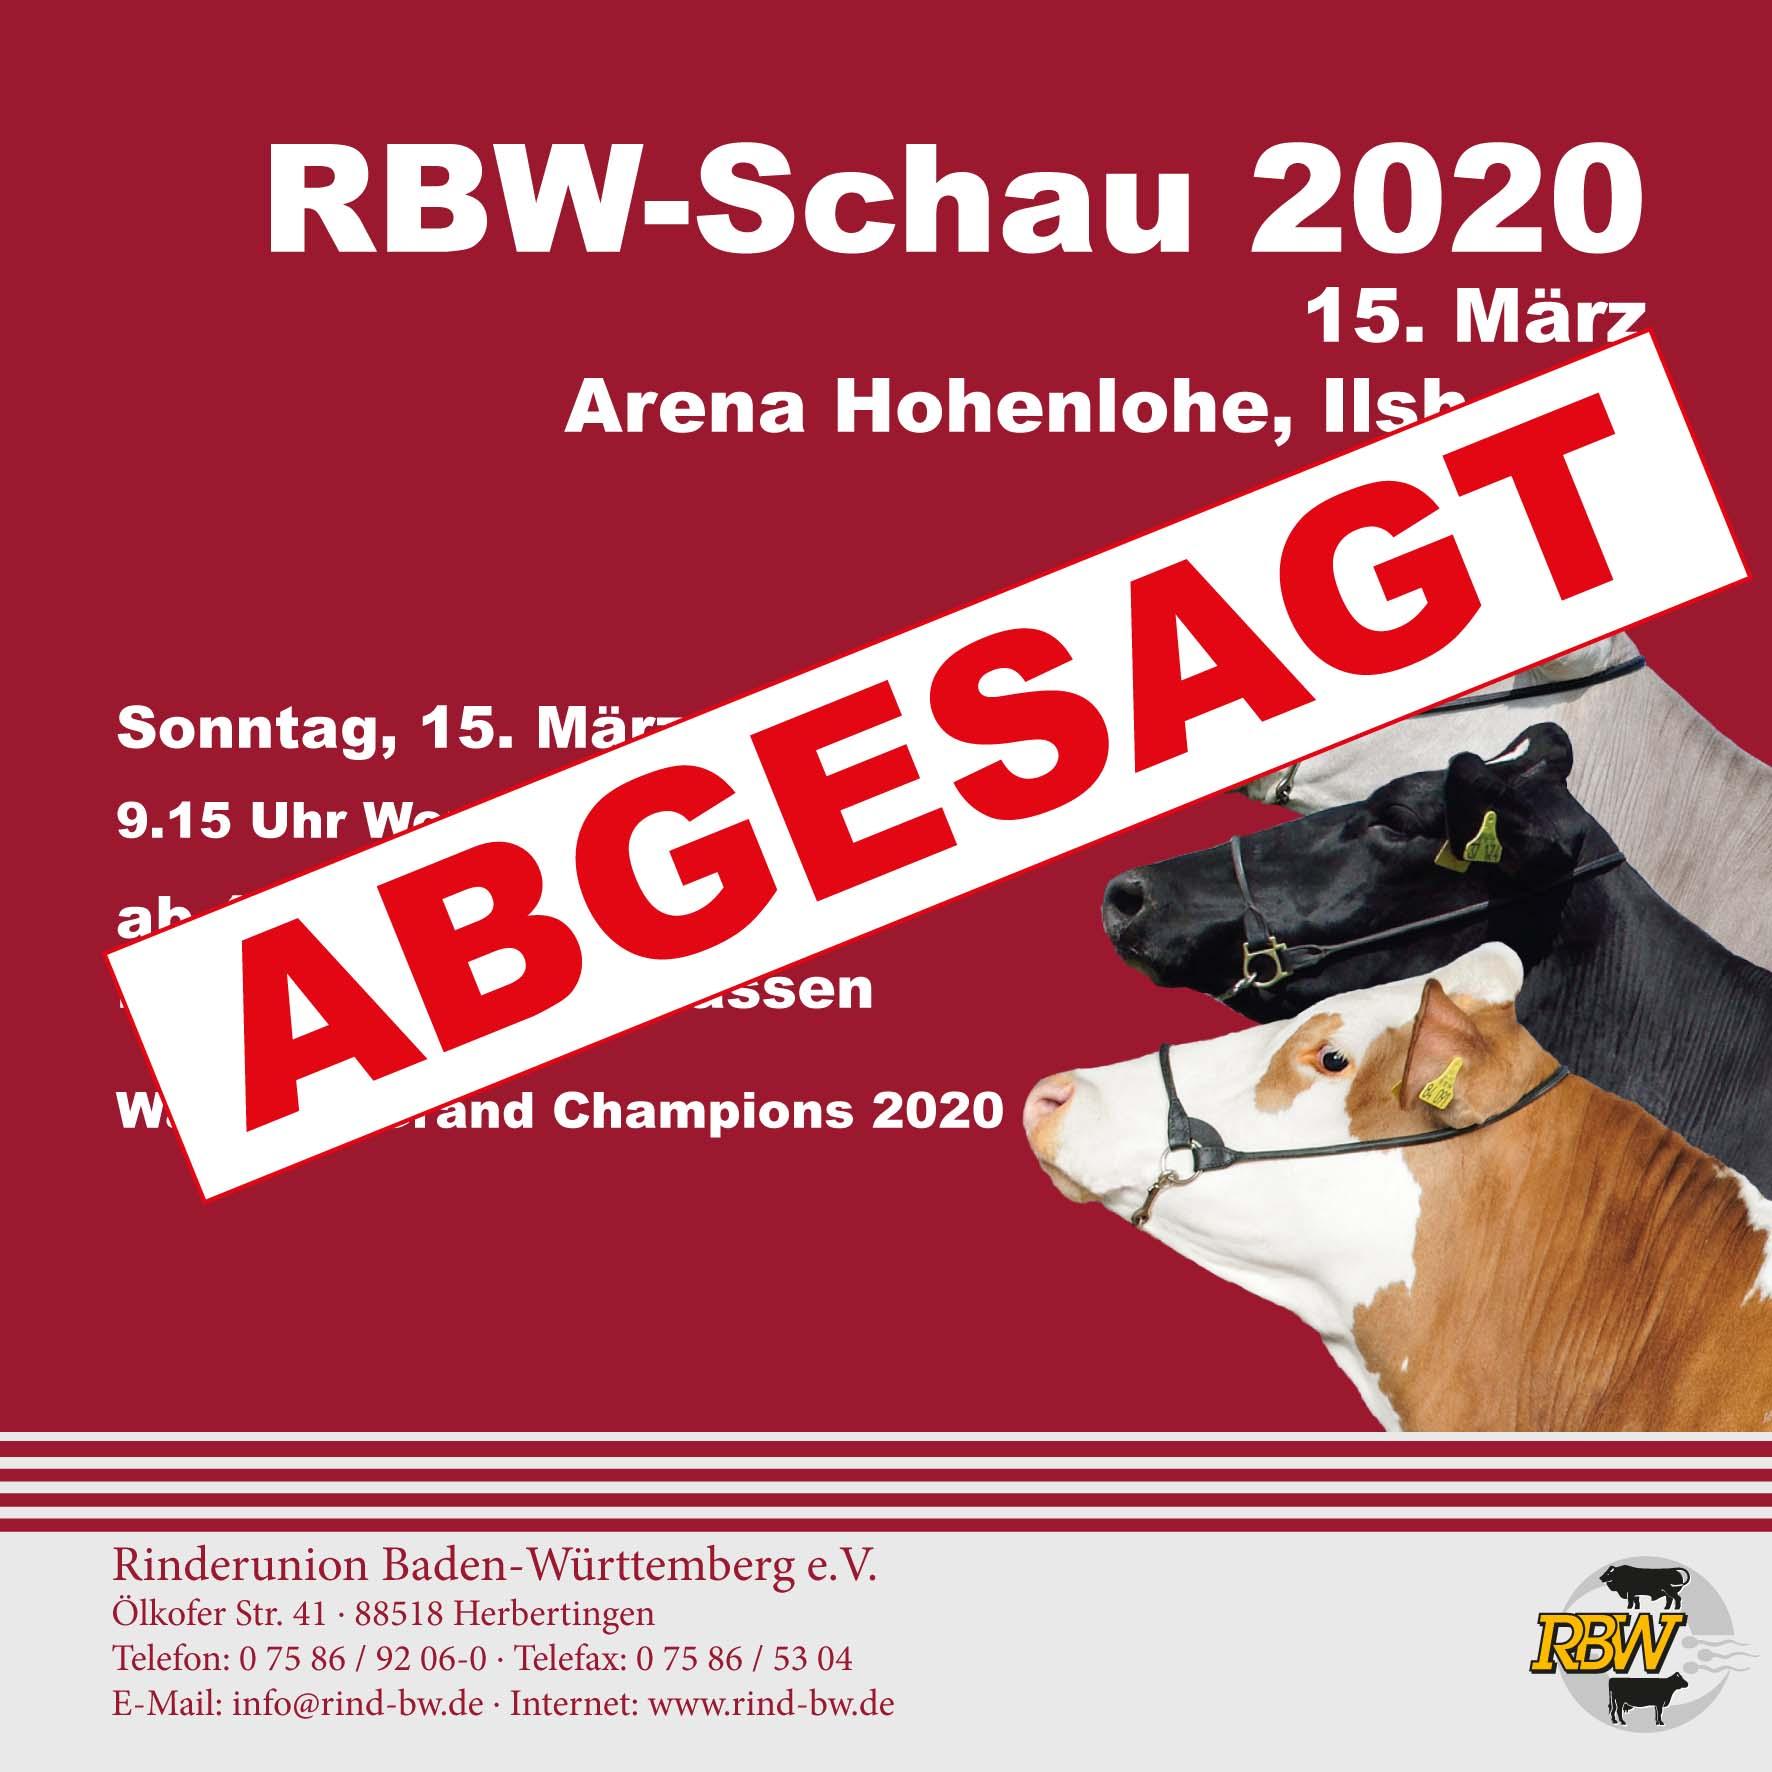 ABGESAGT - RBW-Schau 2020